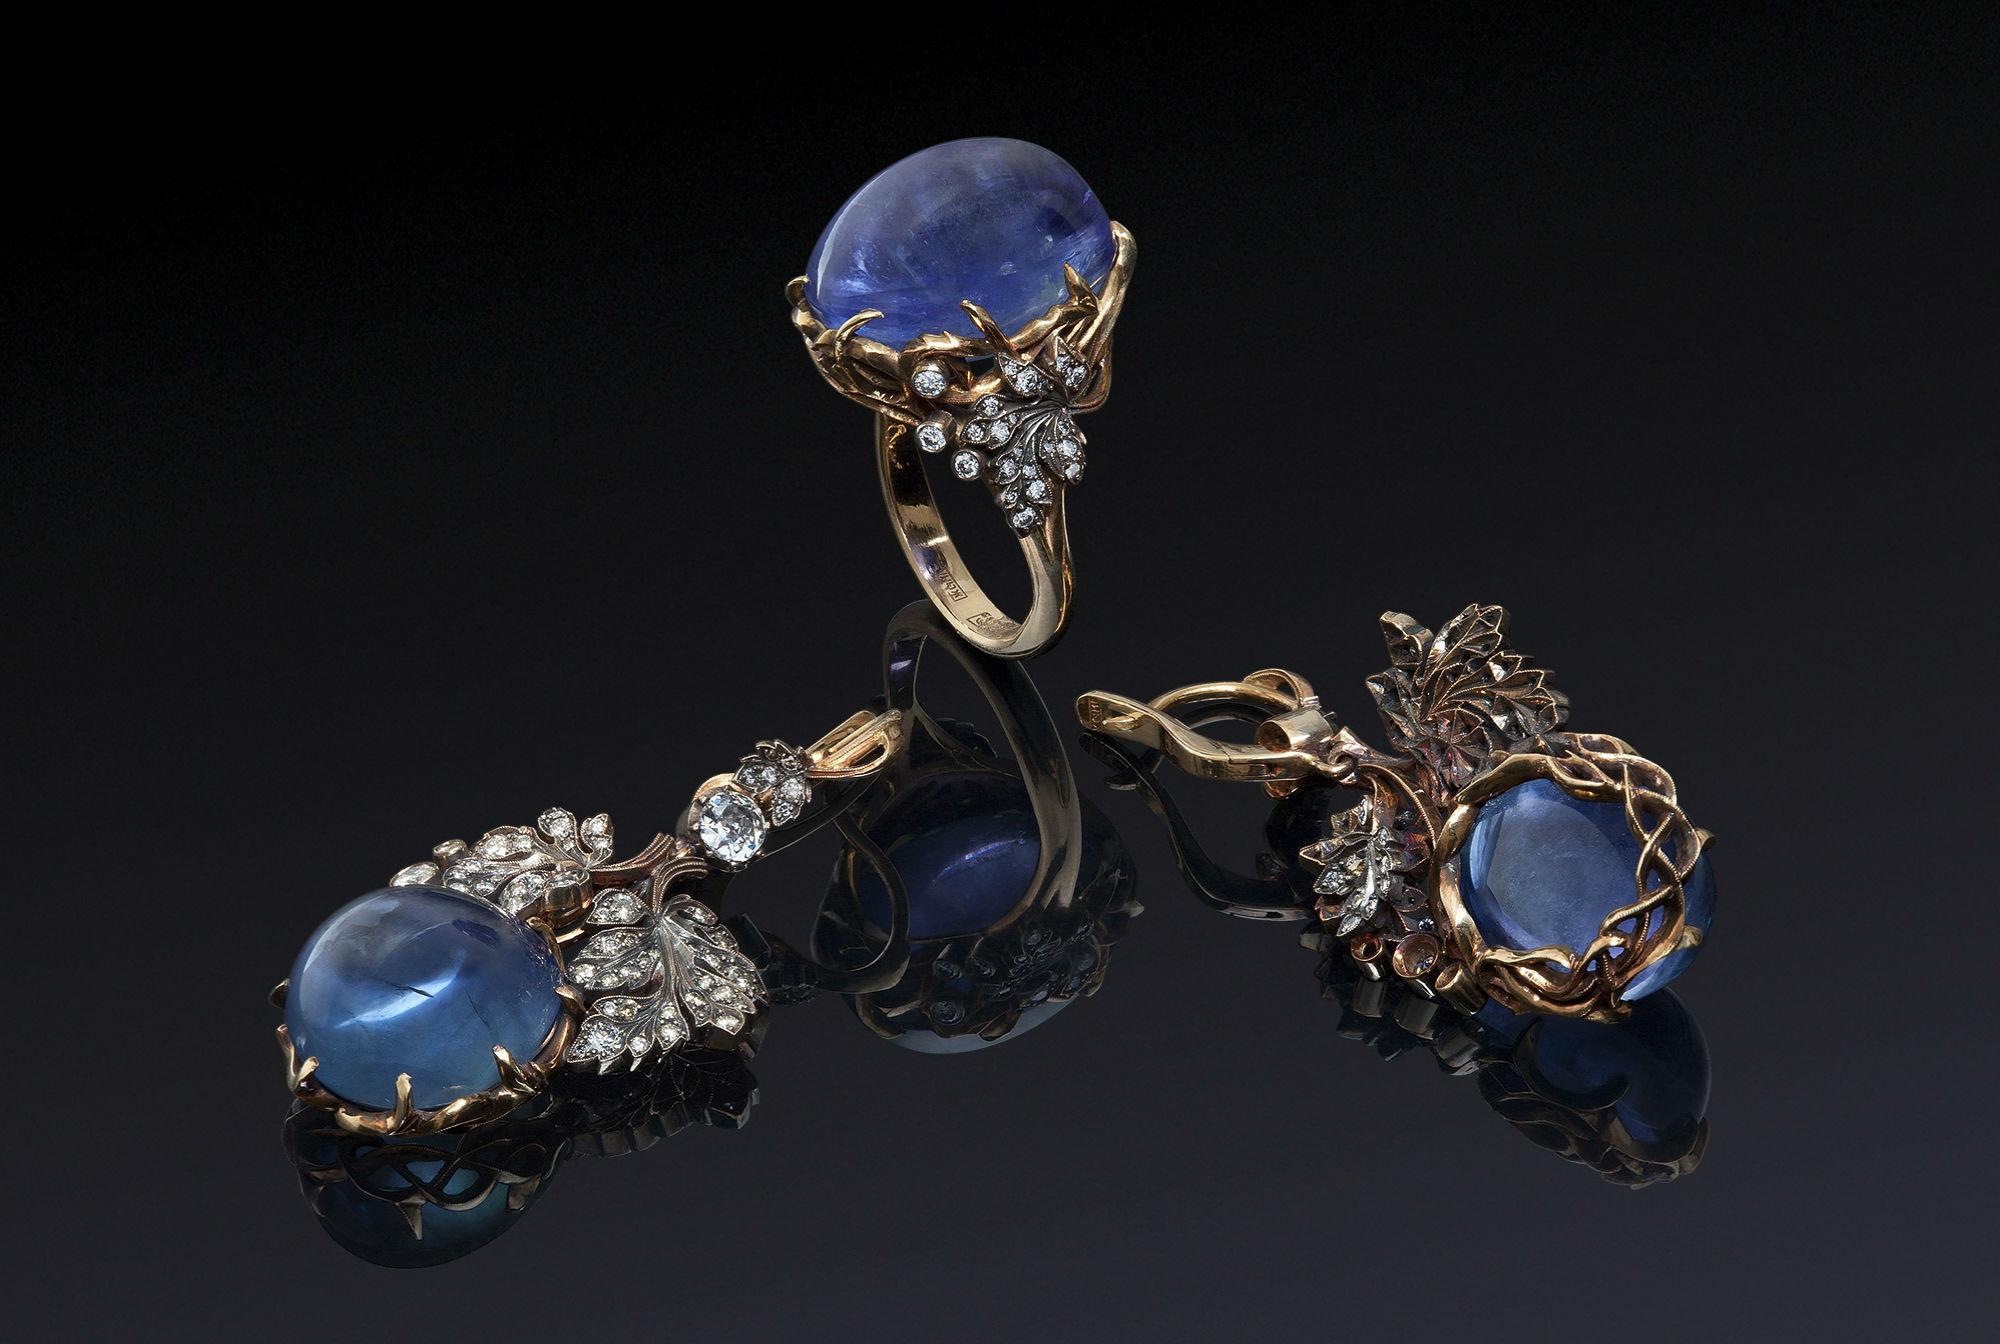 ювелирные украшения с сапфирами Особенности ювелирных украшений с сапфиром